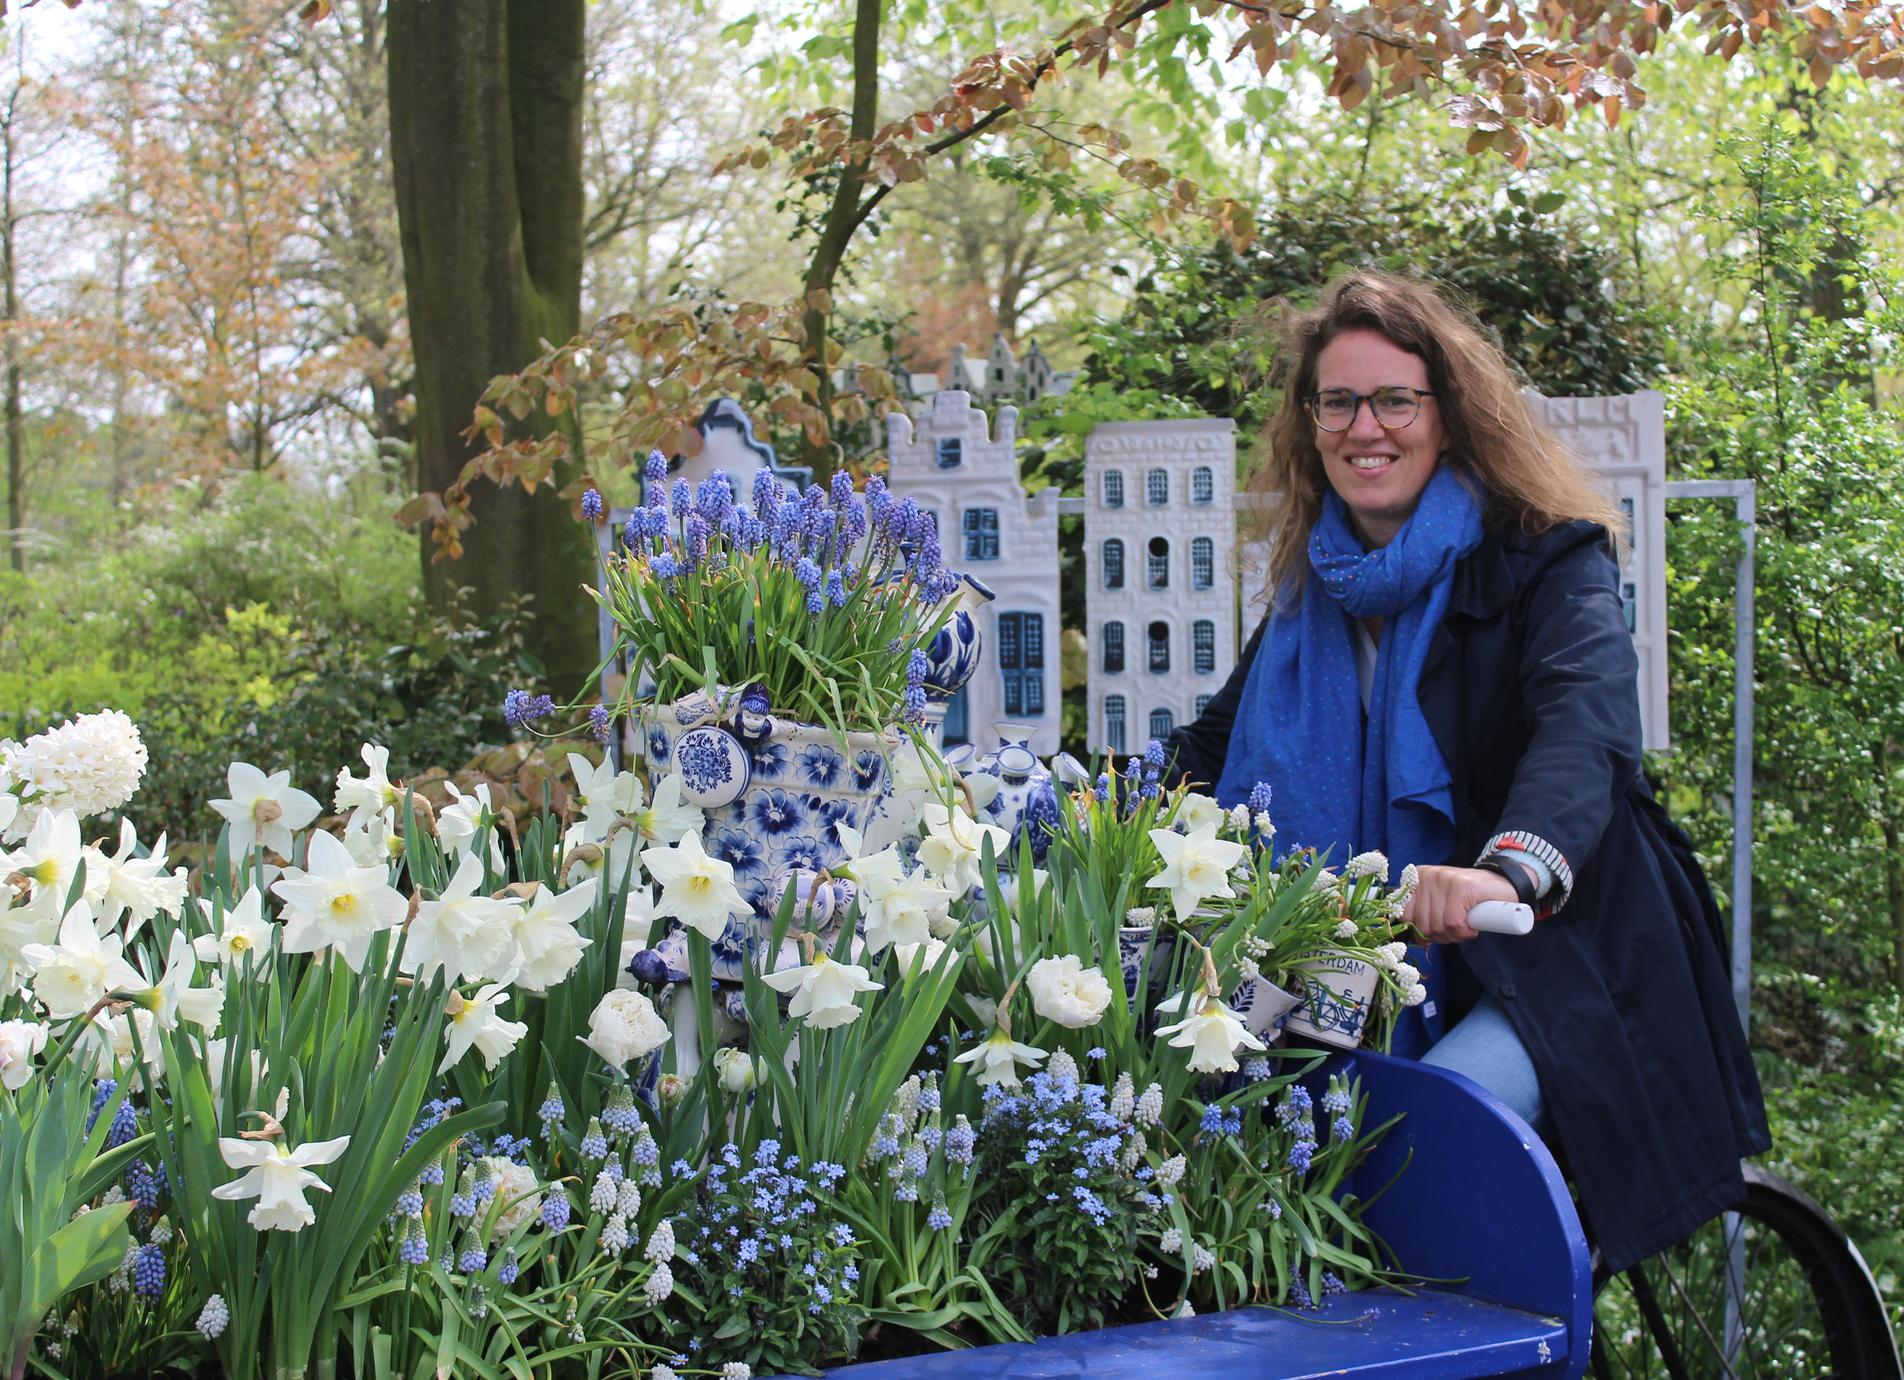 Op de fiets in de Delfts Blauw Garden. Hartstikke heerlijk Hollands!